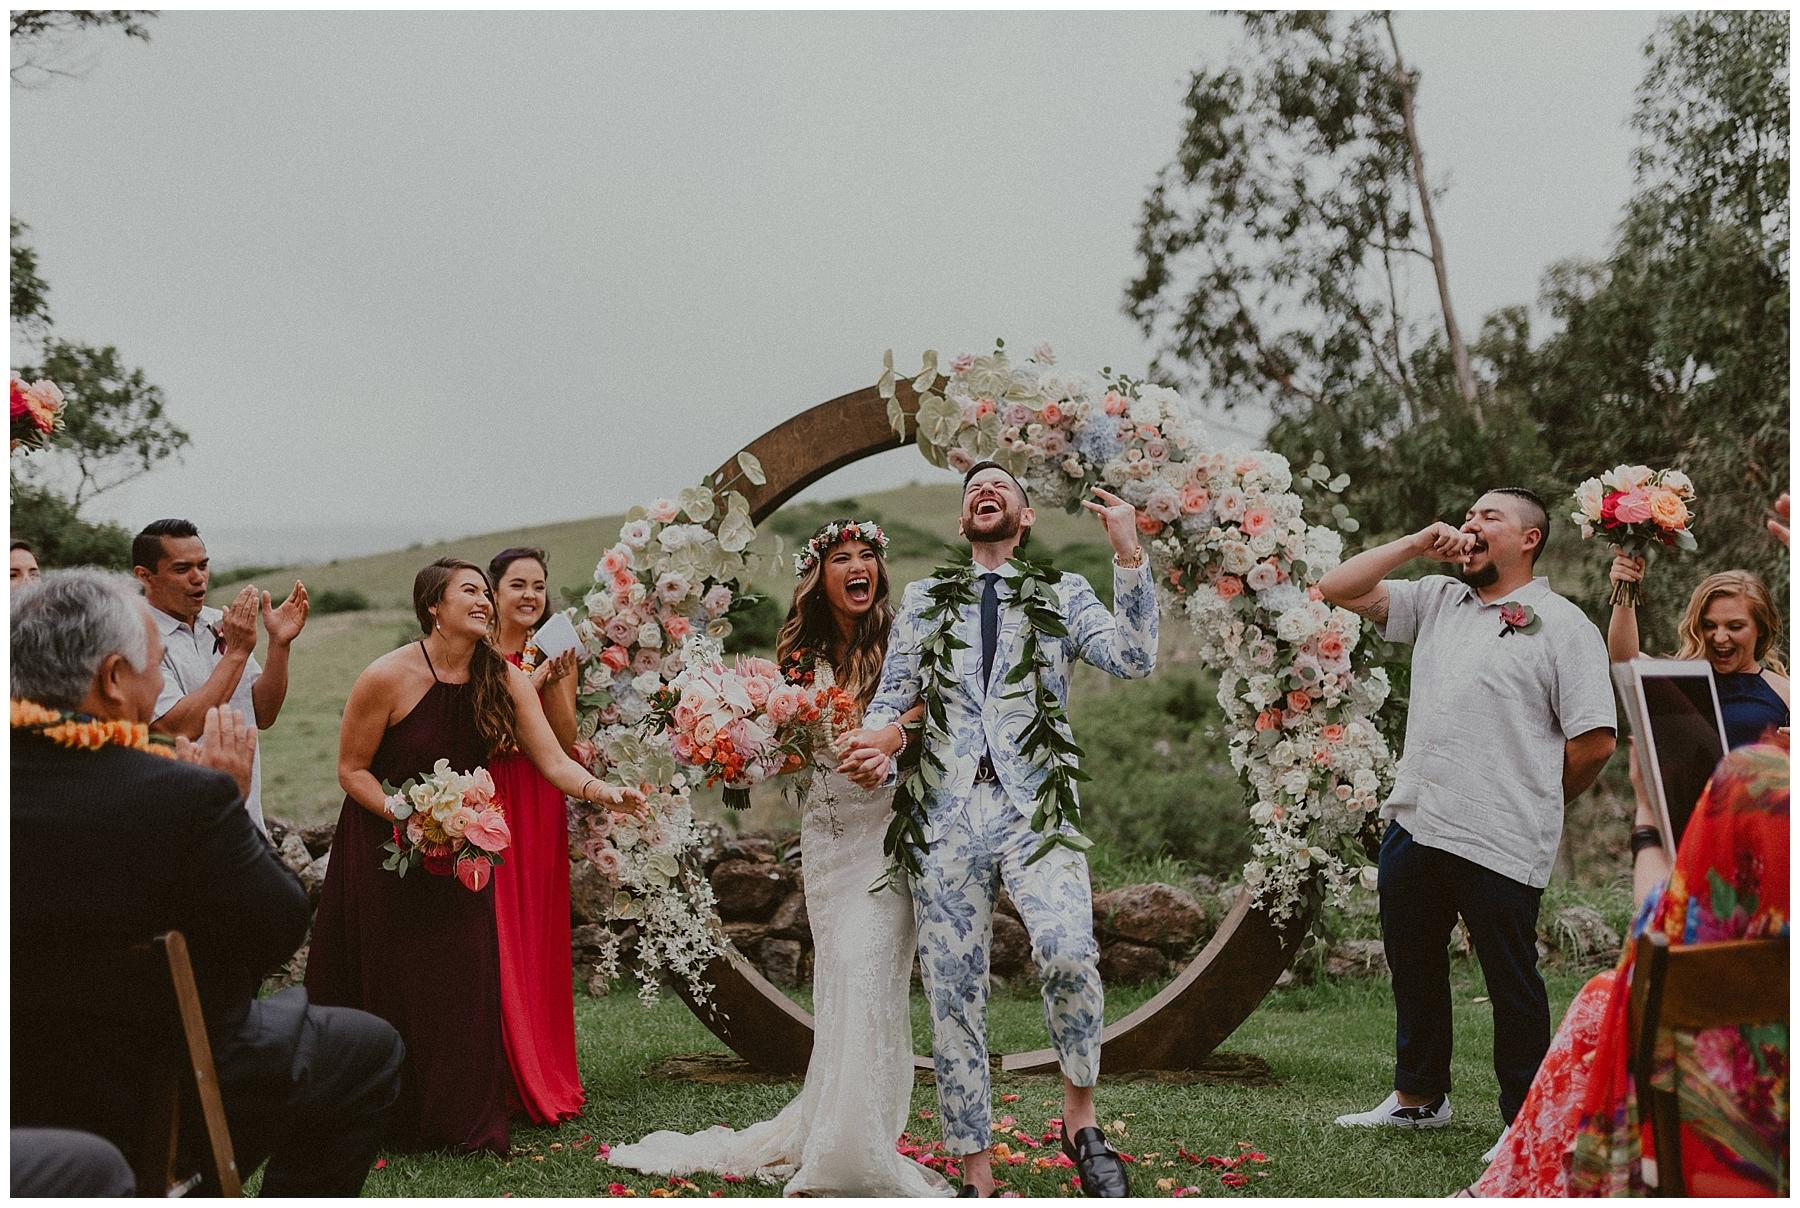 Bliss in Bloom Kailua Kona Hawaii Wedding Event Coordination_0131.jpg